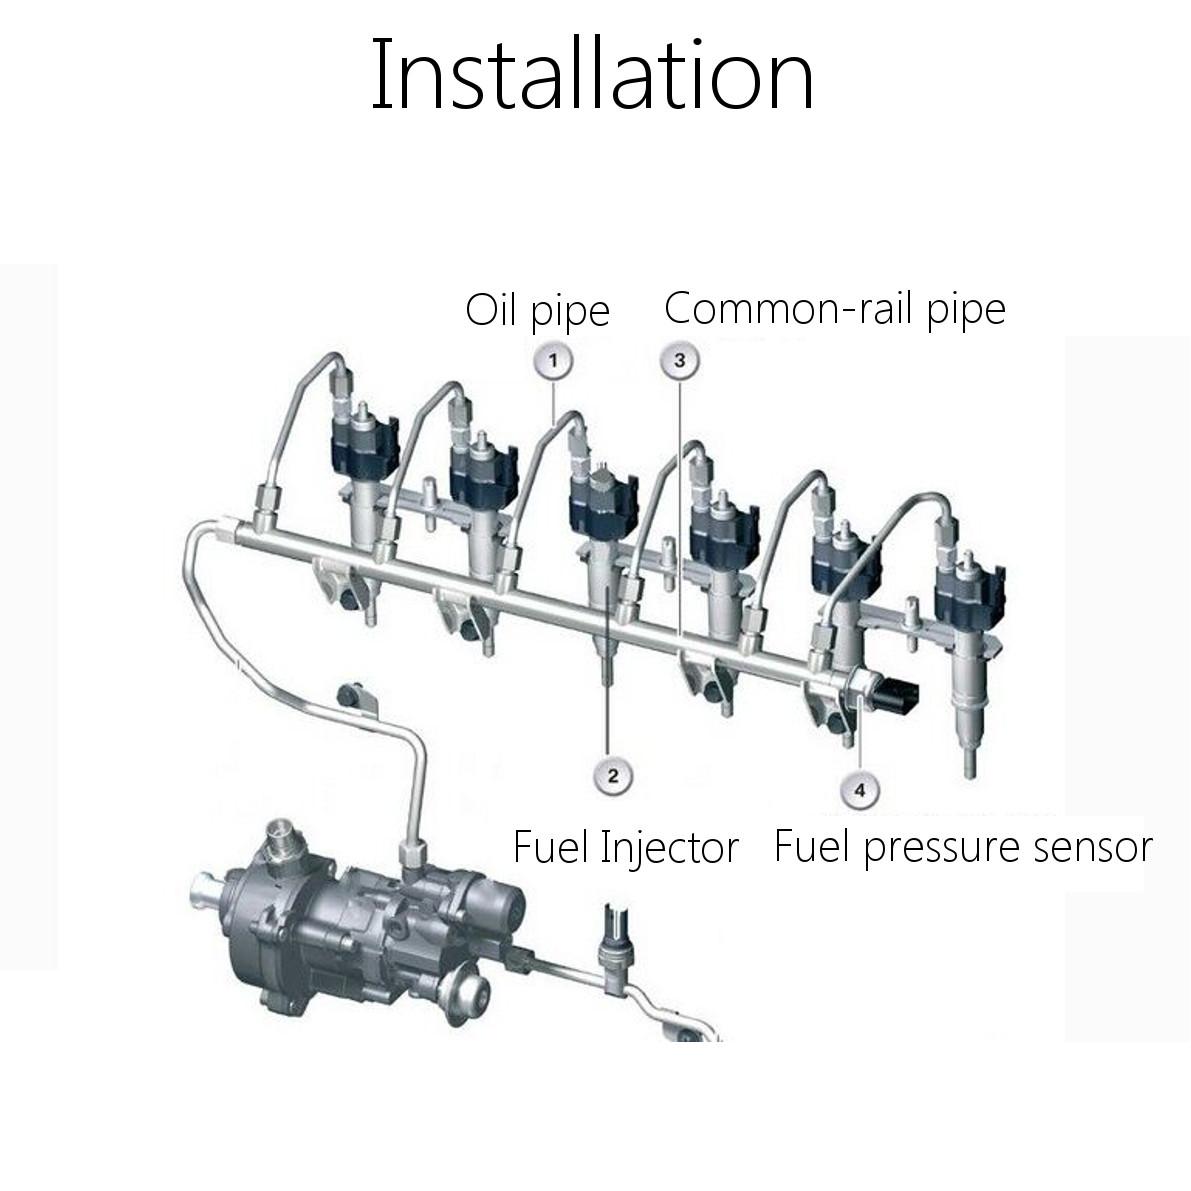 8 Fuel Injector For Holden Vt Vx Vu Vy Vz V8 5 7l Ls1 Gen 3 Commodore Calais Ss